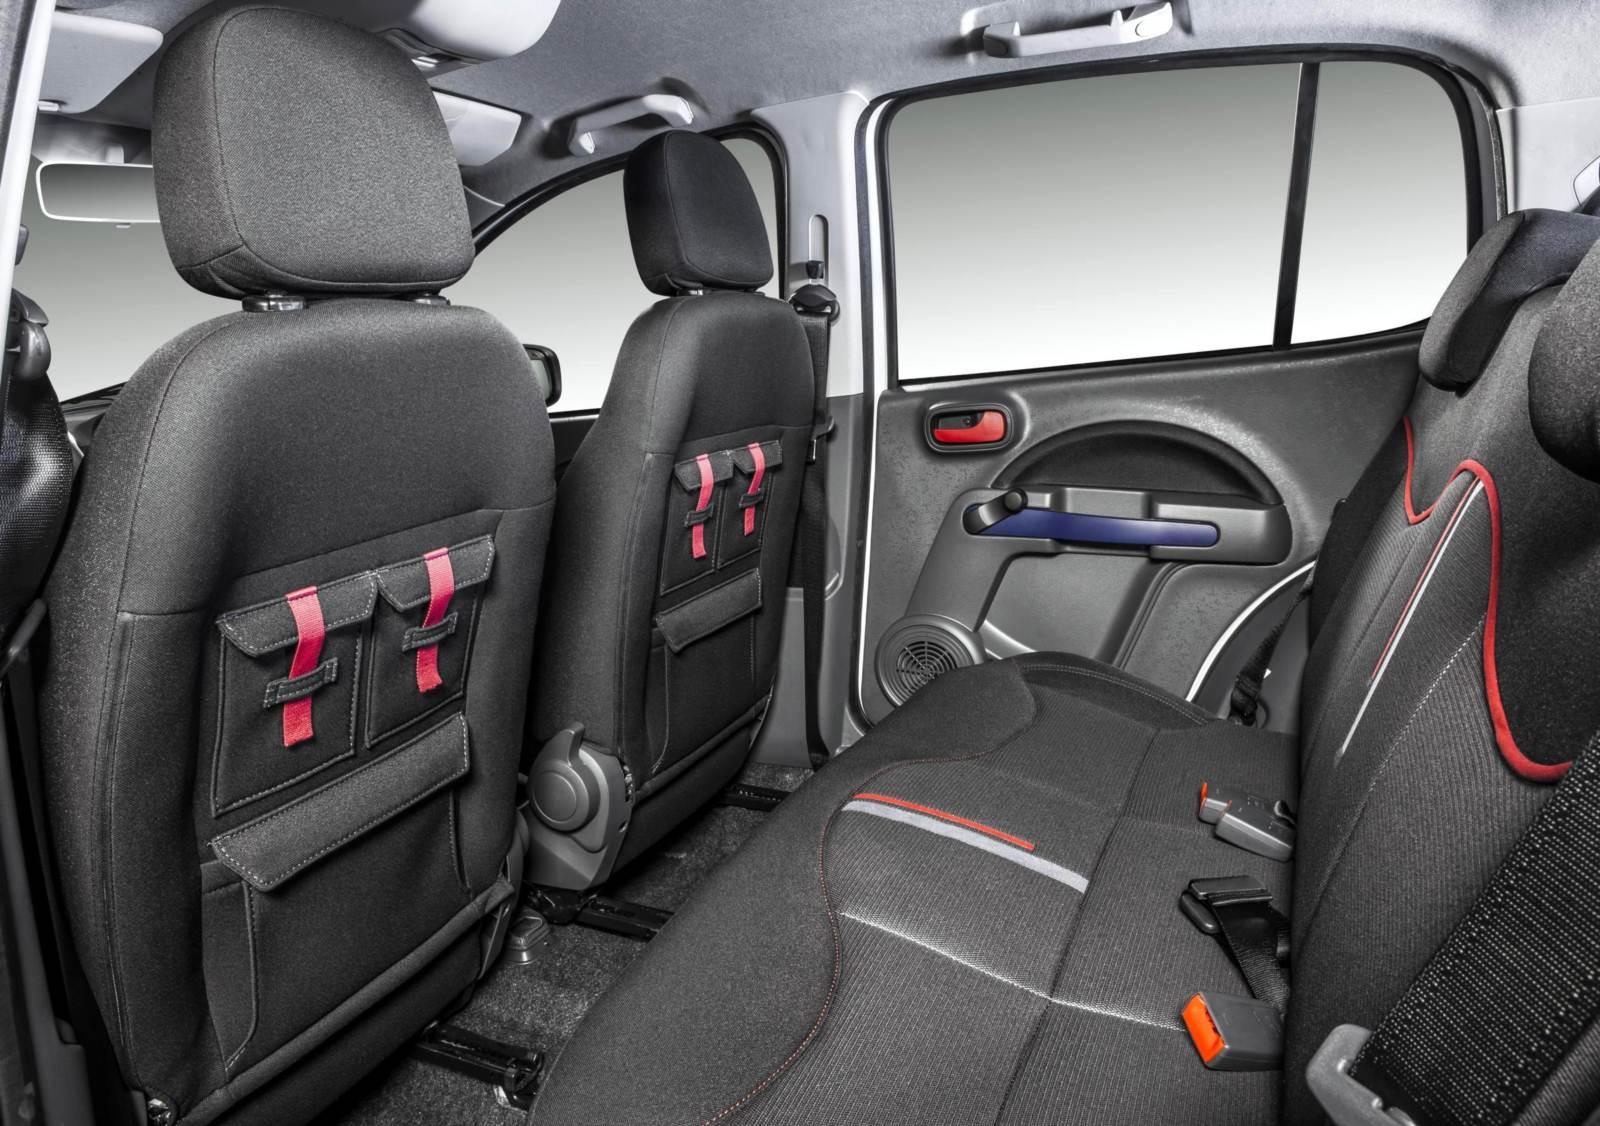 Fiat vai tentar vender essa versão kitsch do Uno Vivace já com ar